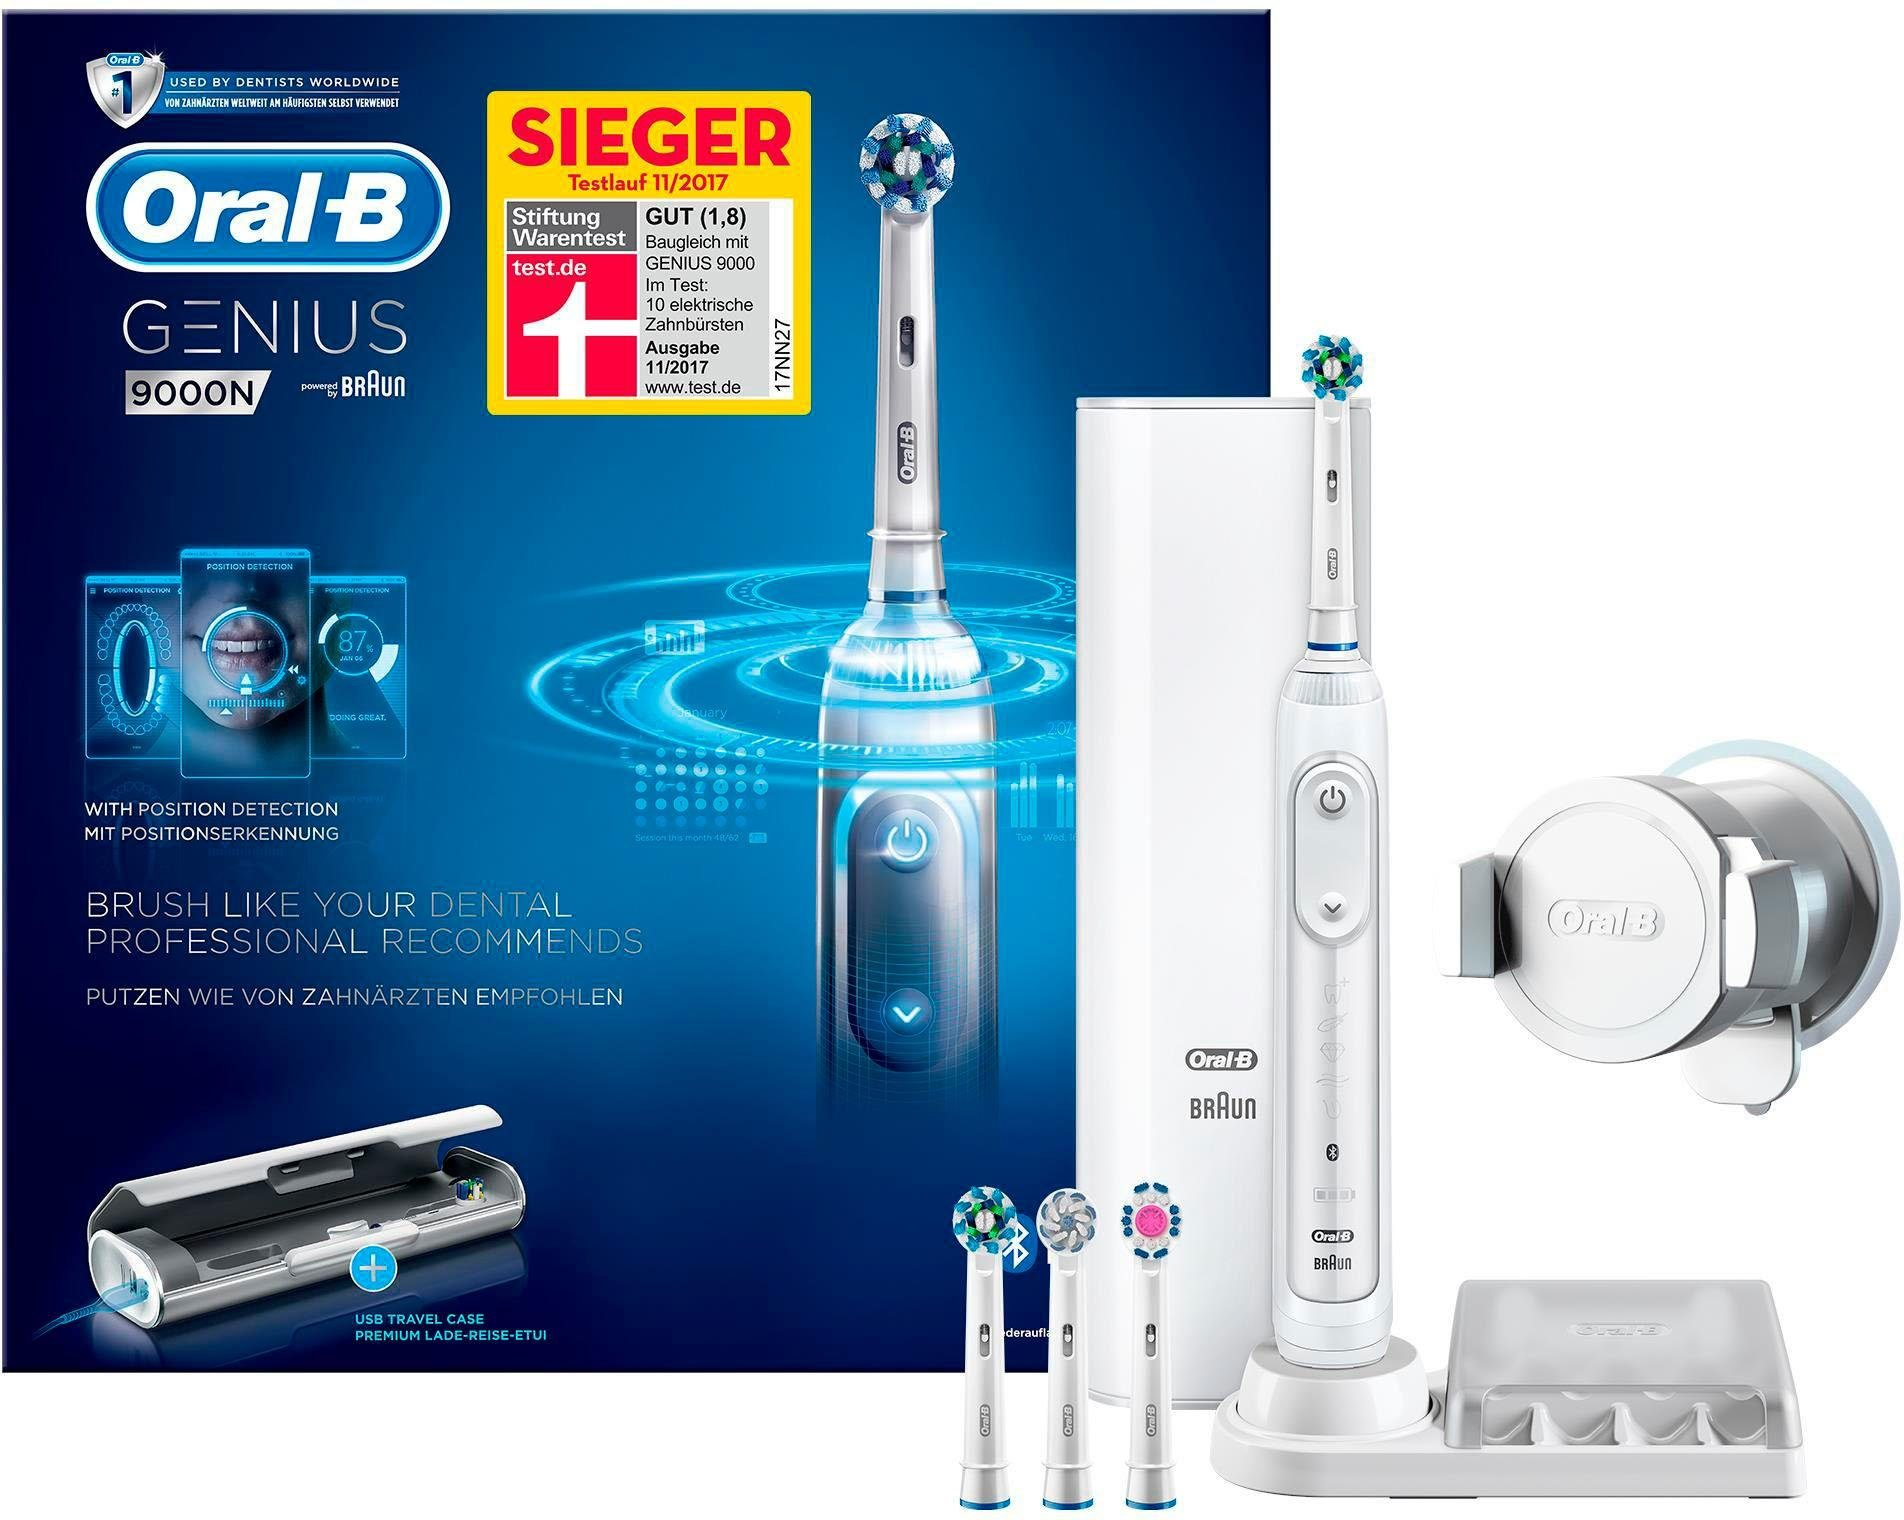 Oral B Elektrische Zahnbürste Genius 9000N, Aufsteckbürsten: 4 St., Smartphone-Halterung, Sieger bei Stiftung Warentest (11/2017)